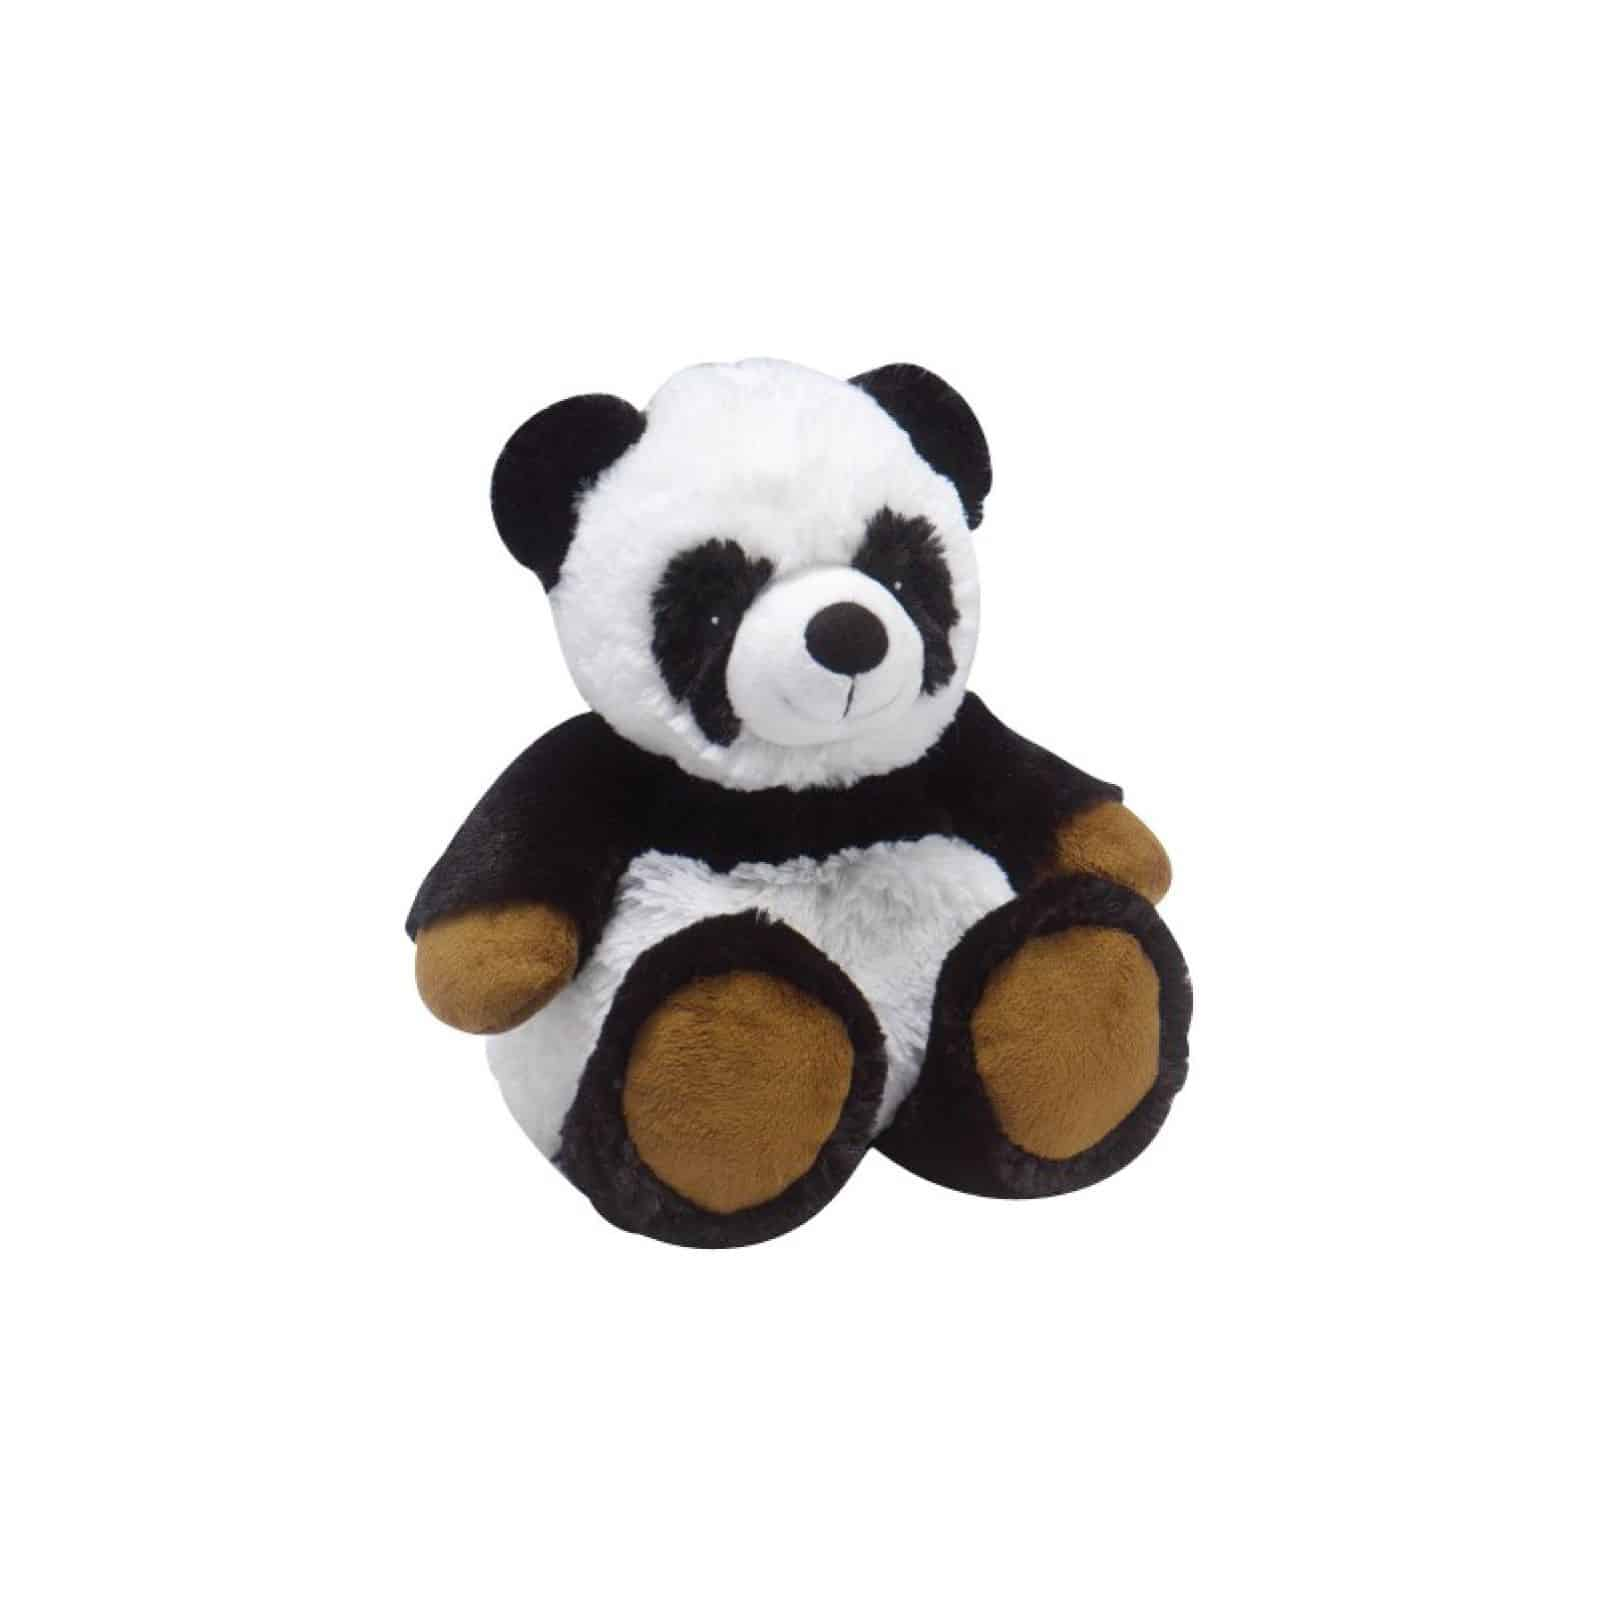 intelex cozy peluche bouillote s che micro onde panda. Black Bedroom Furniture Sets. Home Design Ideas